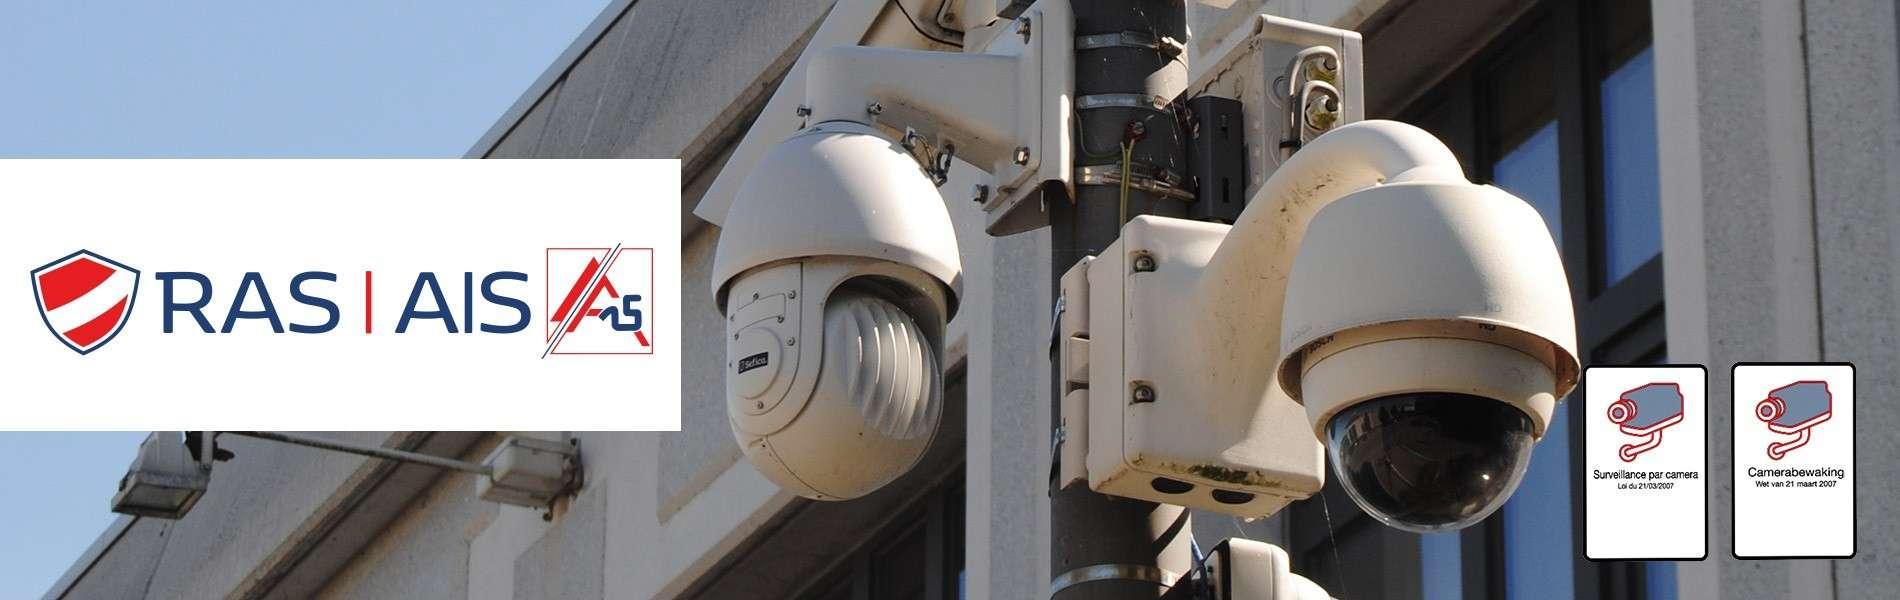 Pictogrammes CCTV: rappel de la réglementation